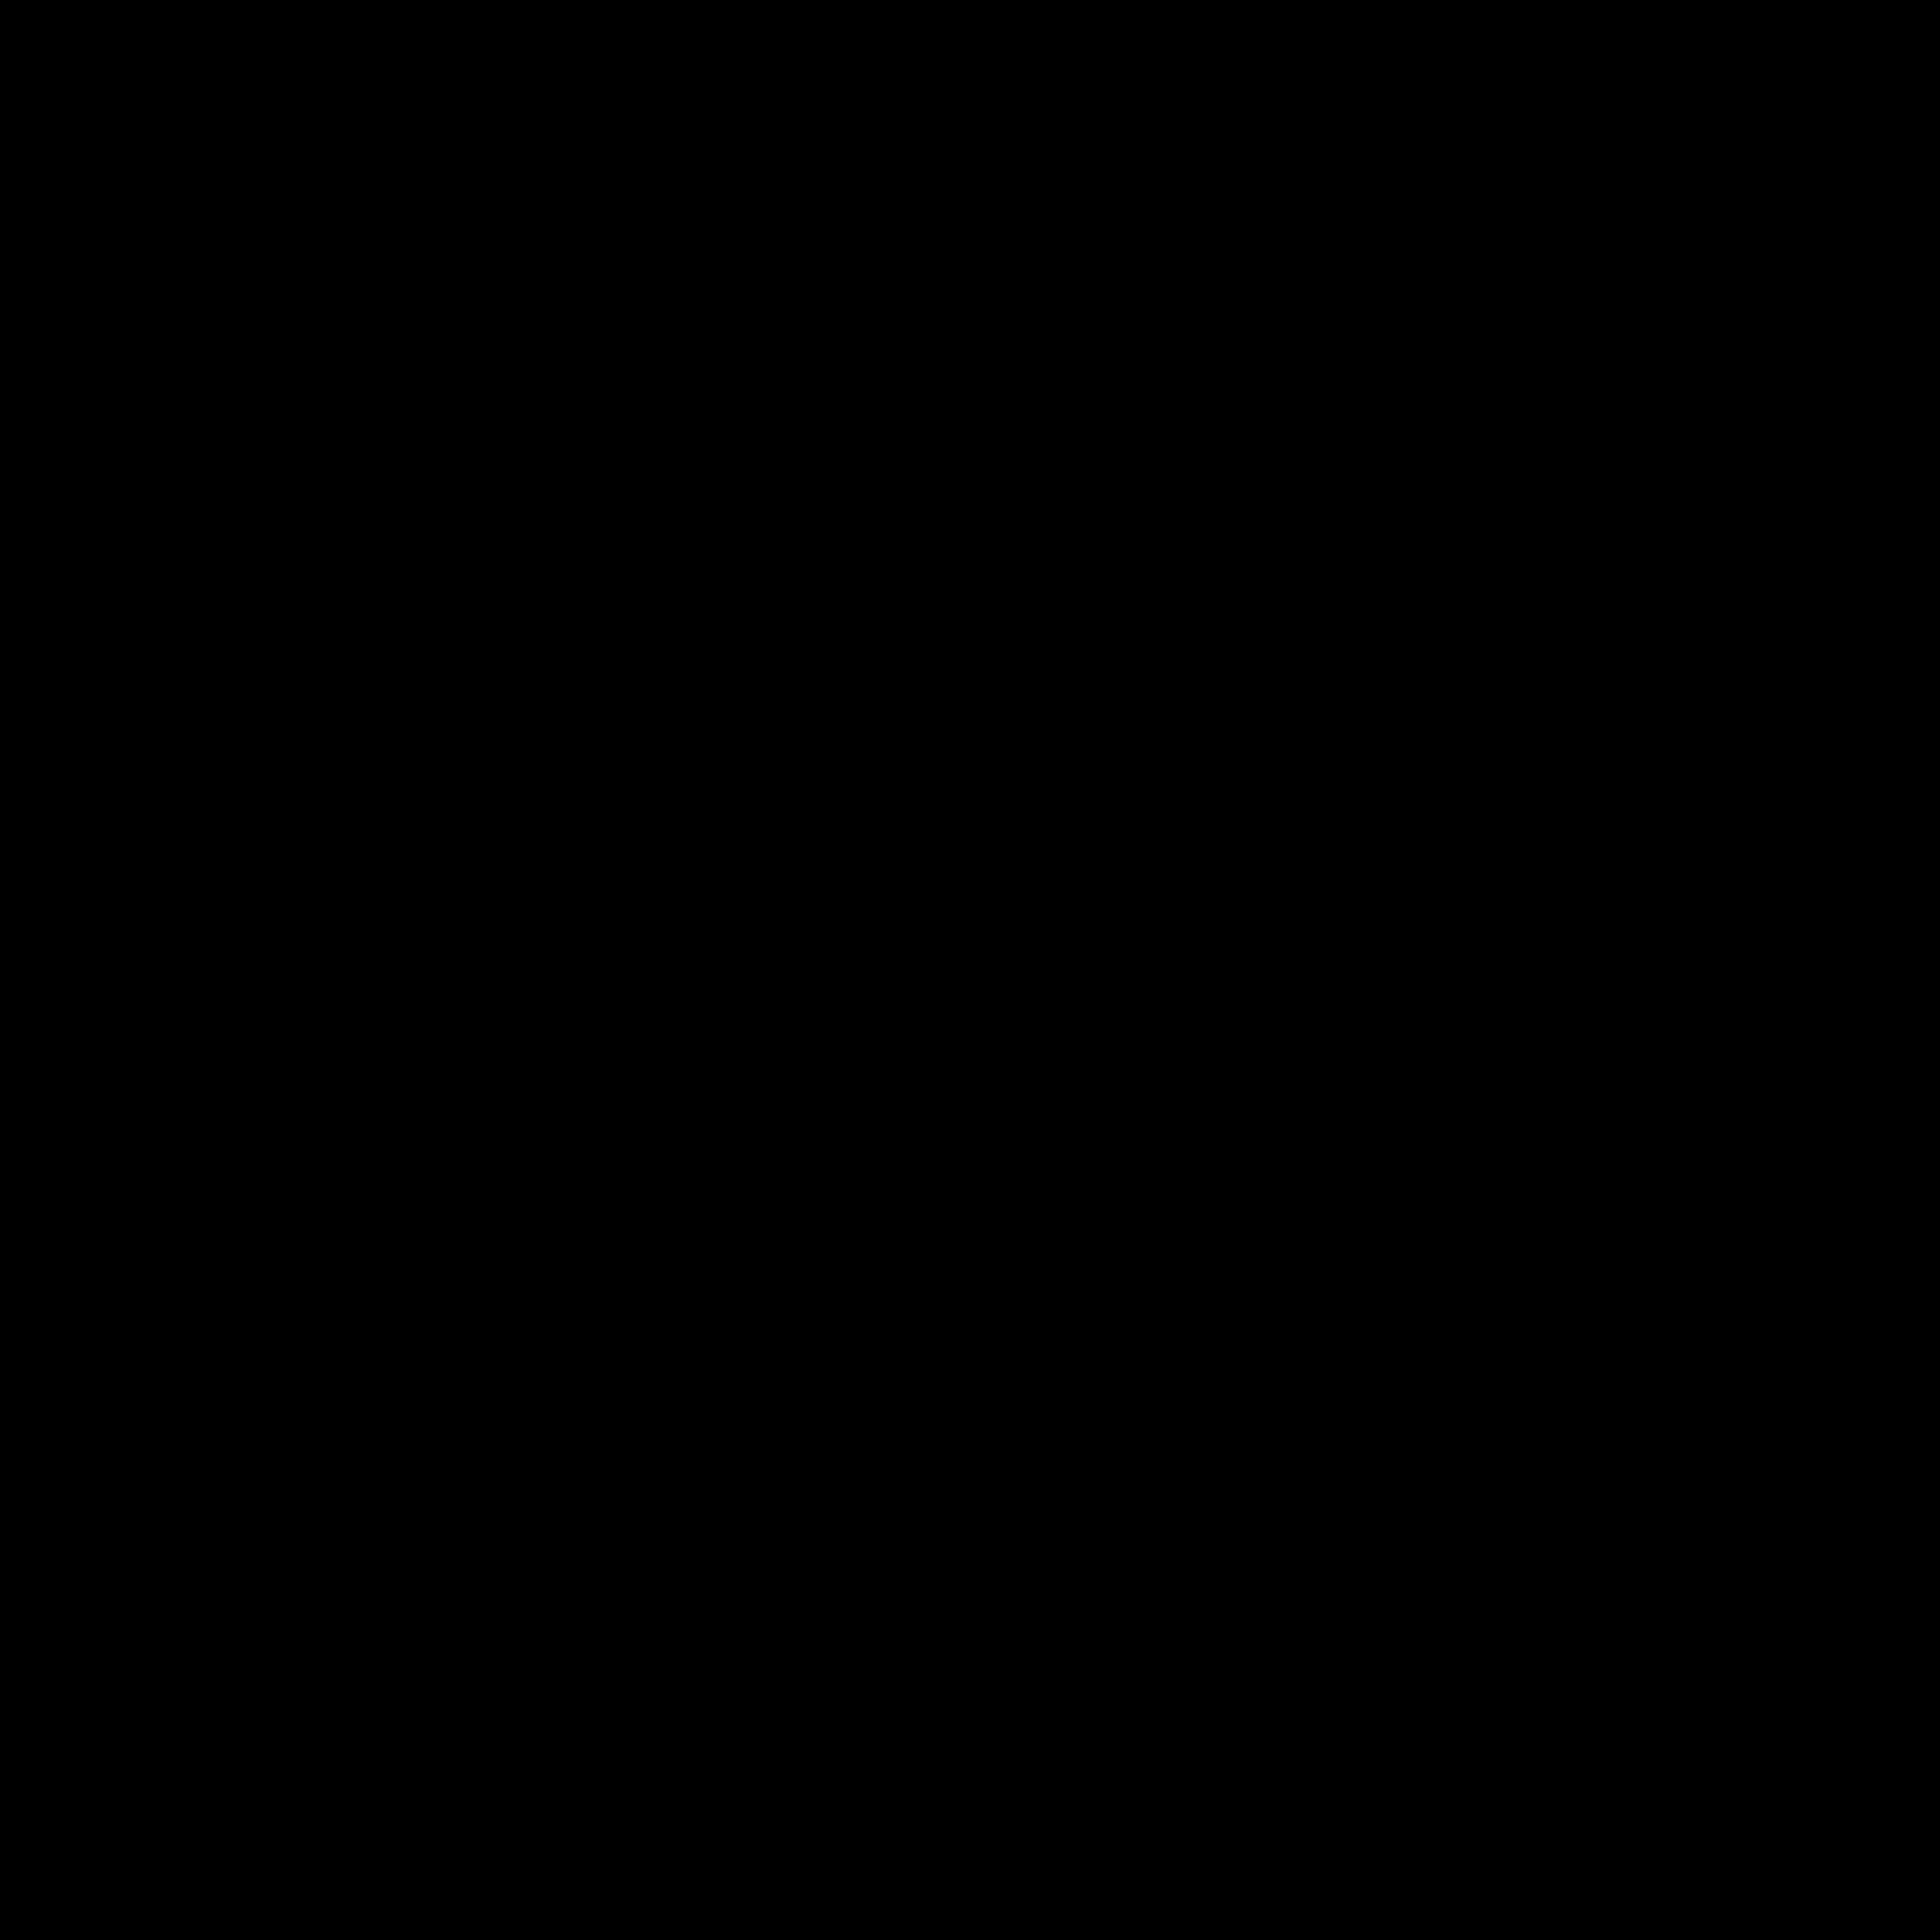 DSQC224